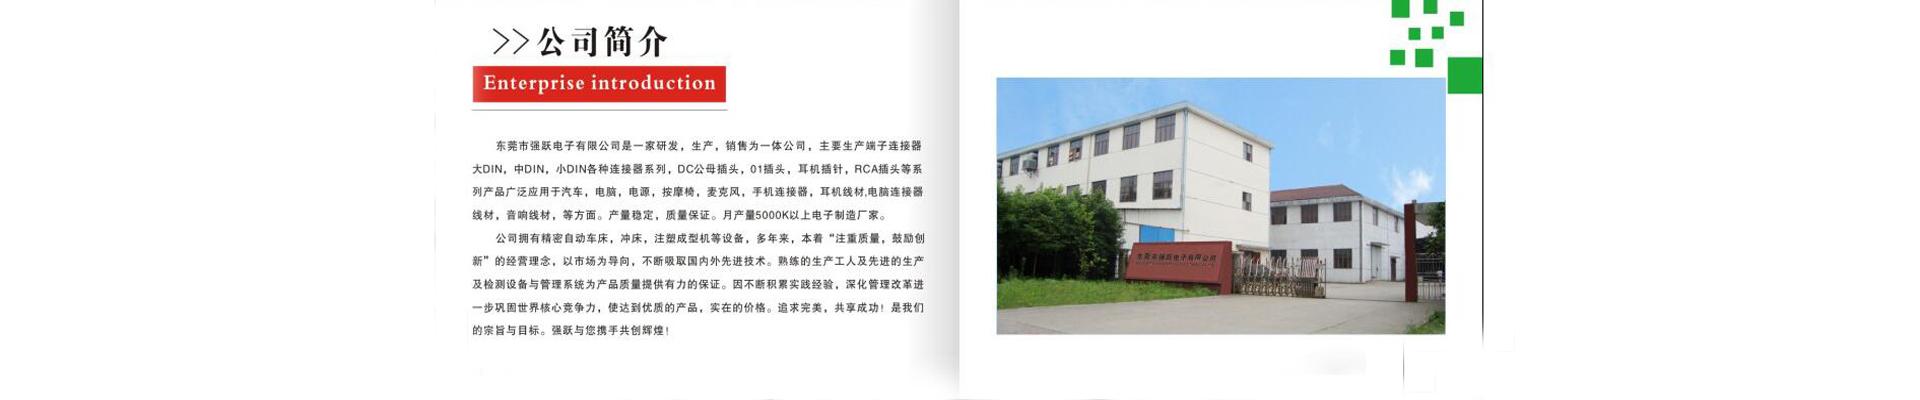 东莞市强跃电子有限公司